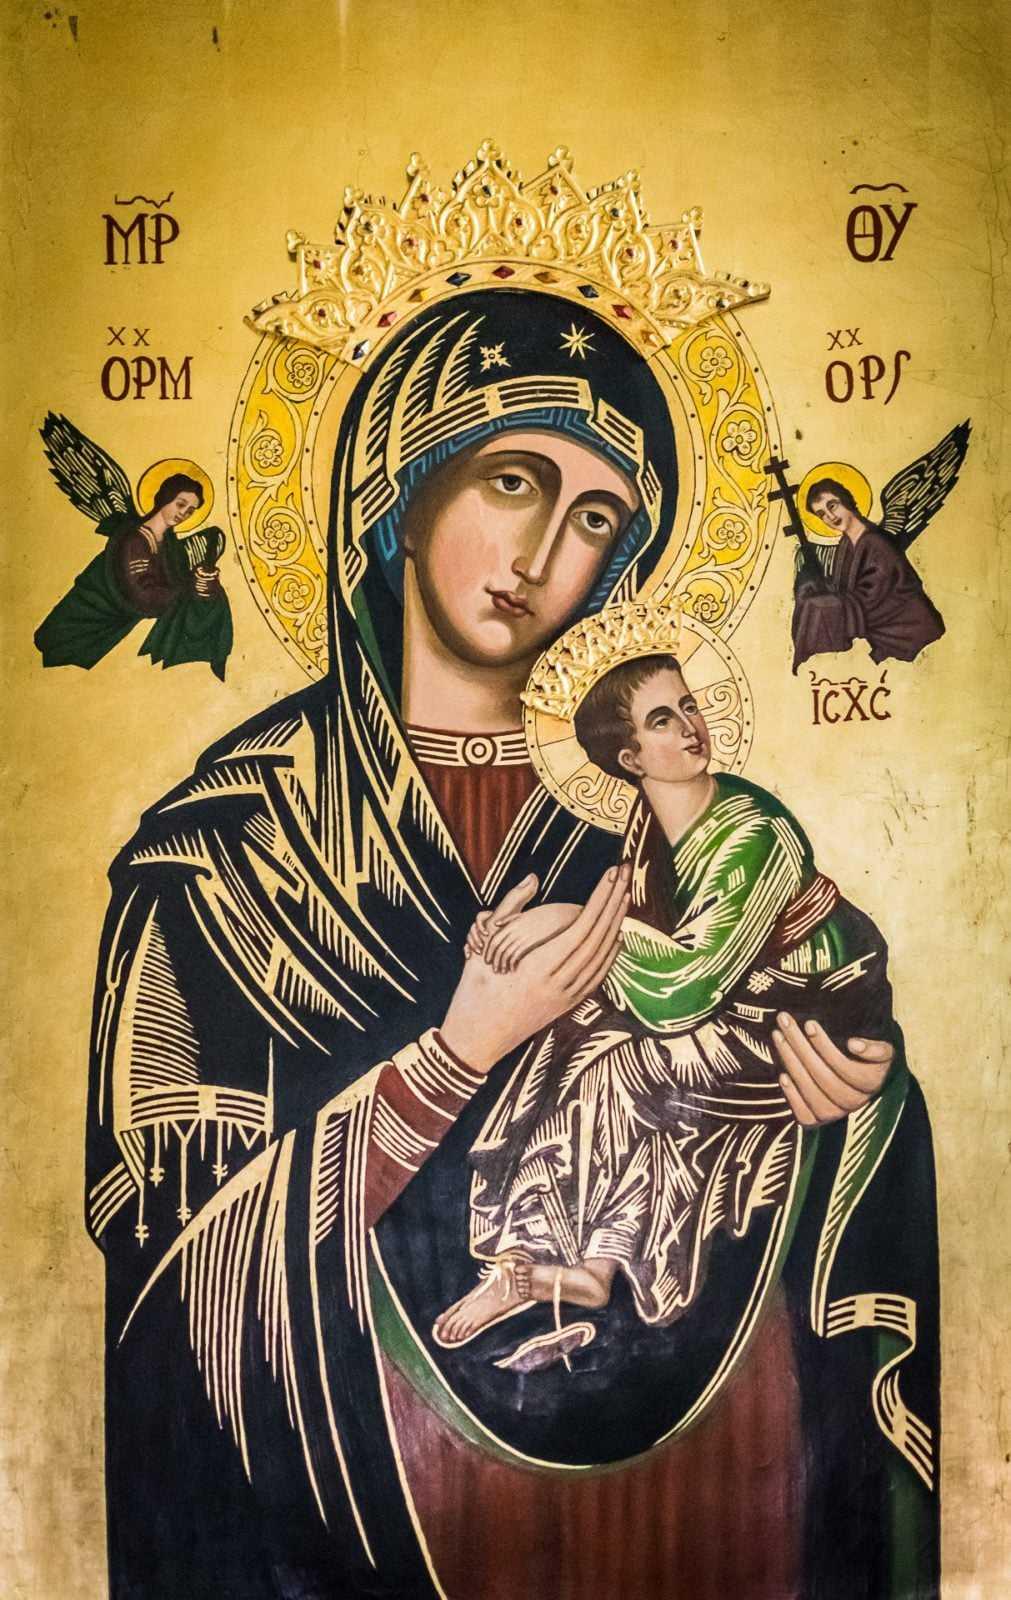 Obraz w kościele w Krobi